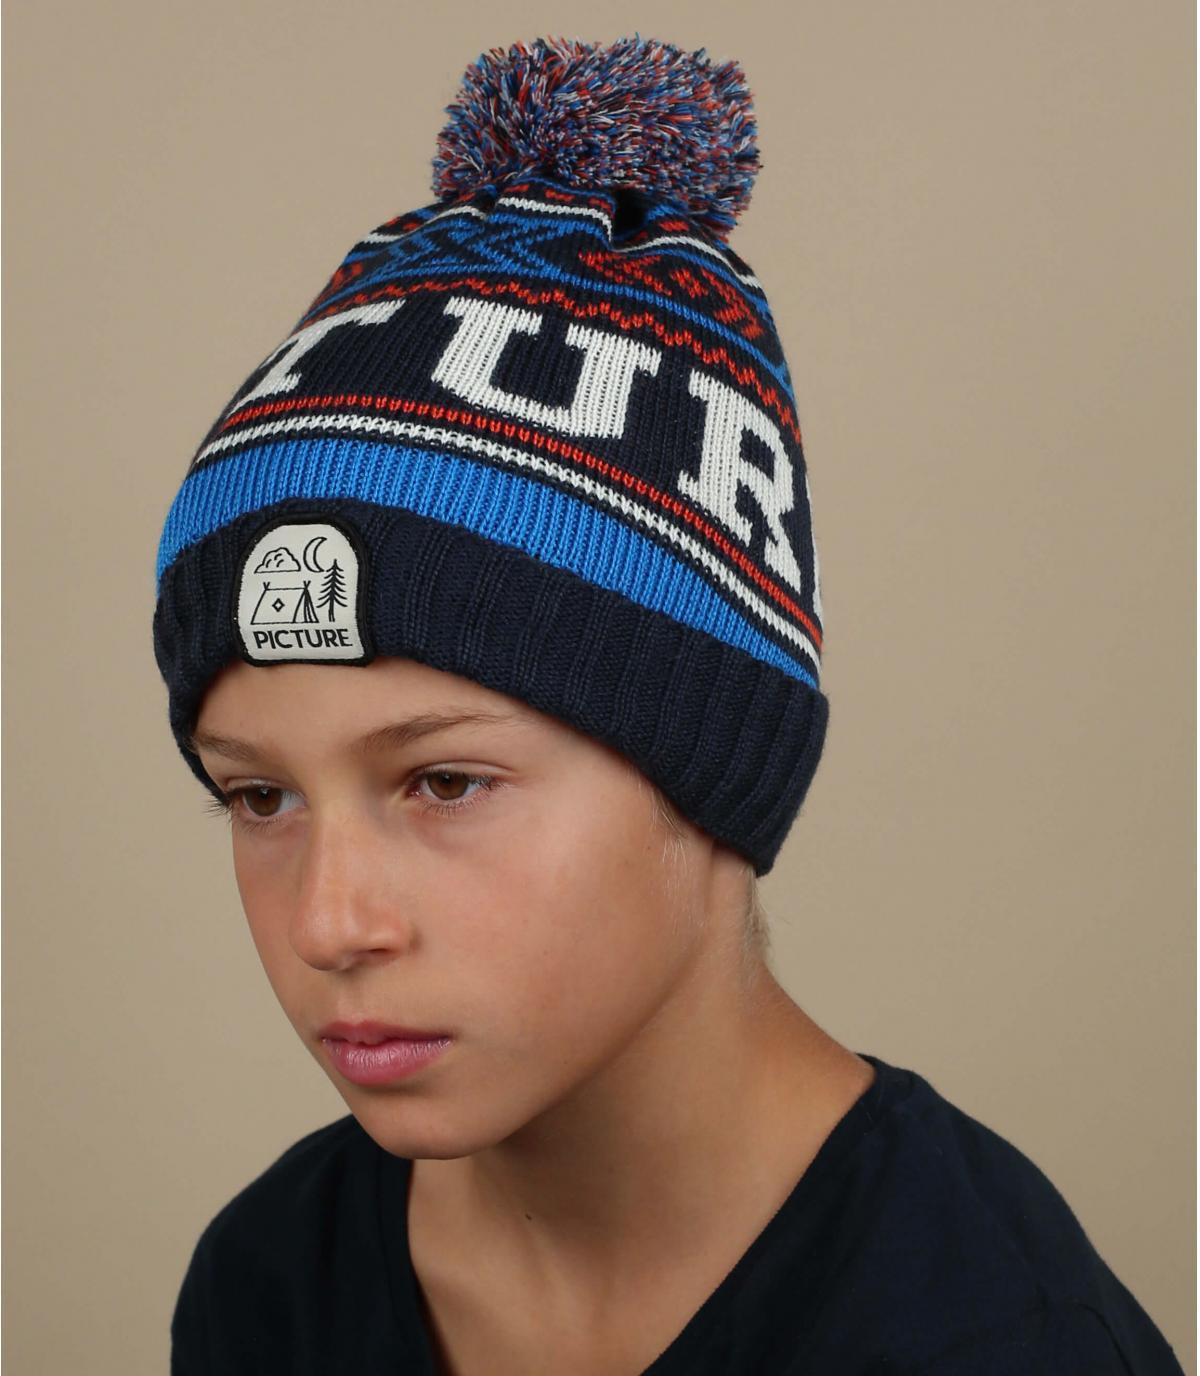 cappellino blu Picture